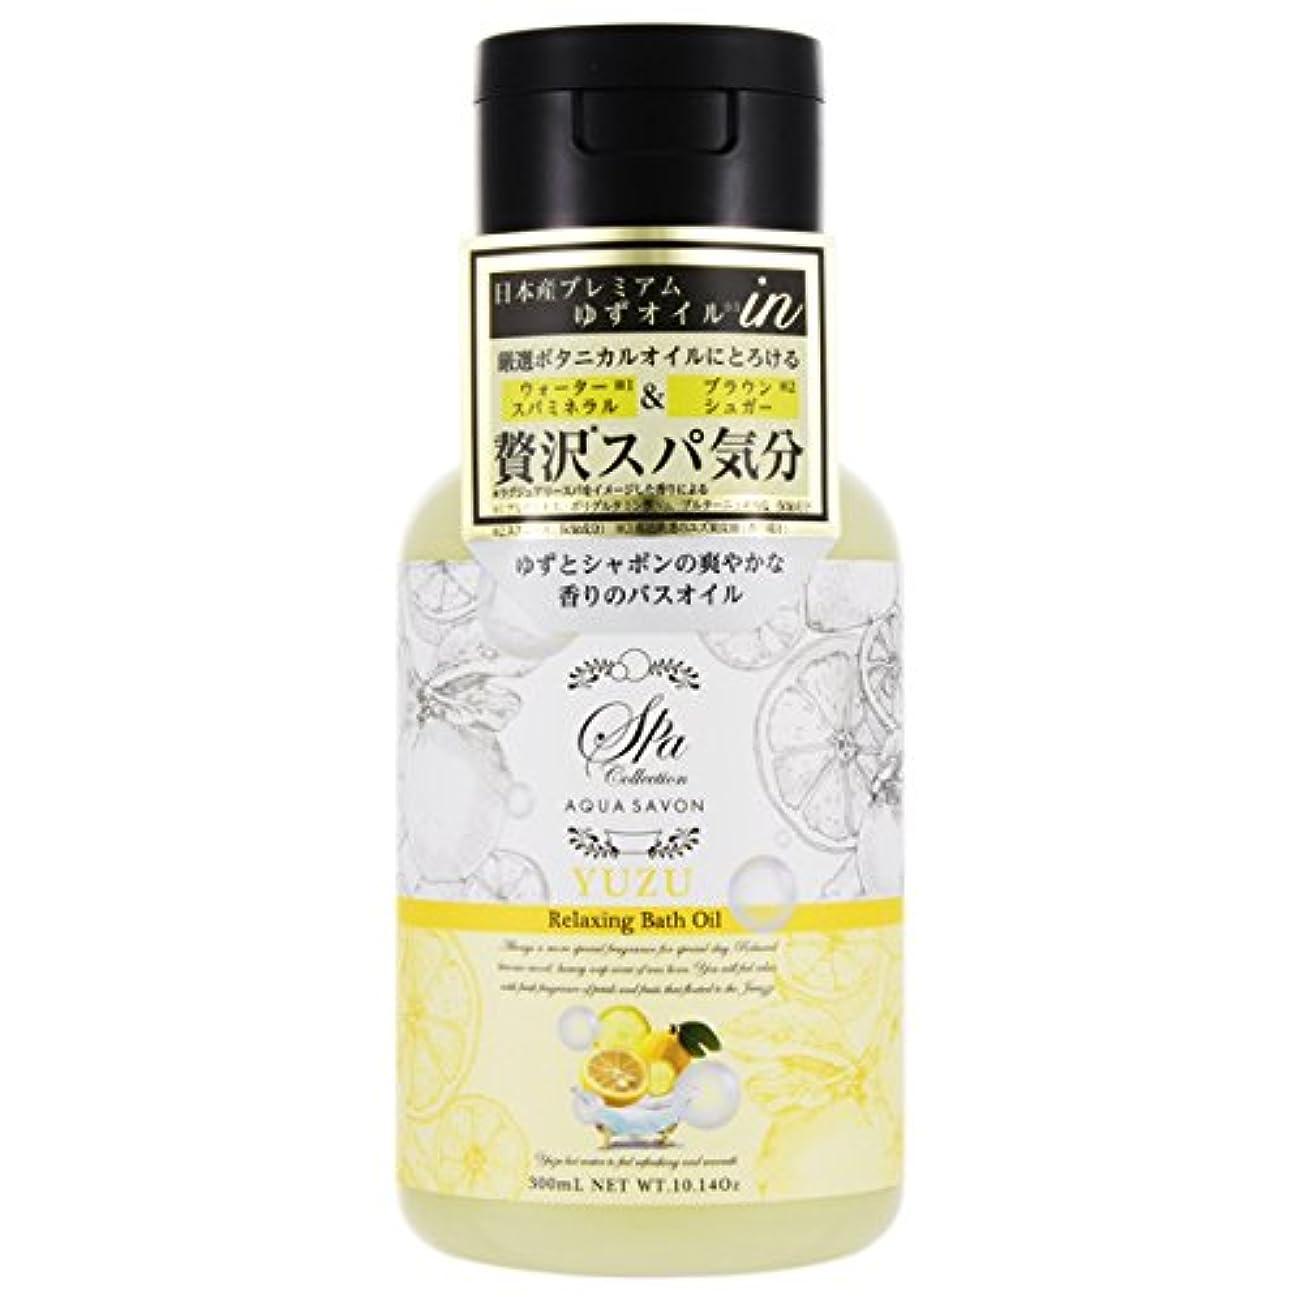 ペレットレンダー加速度アクアシャボン スパコレクション リラクシングバスオイル ゆずスパの香り 300ml 【アクアシャボン】